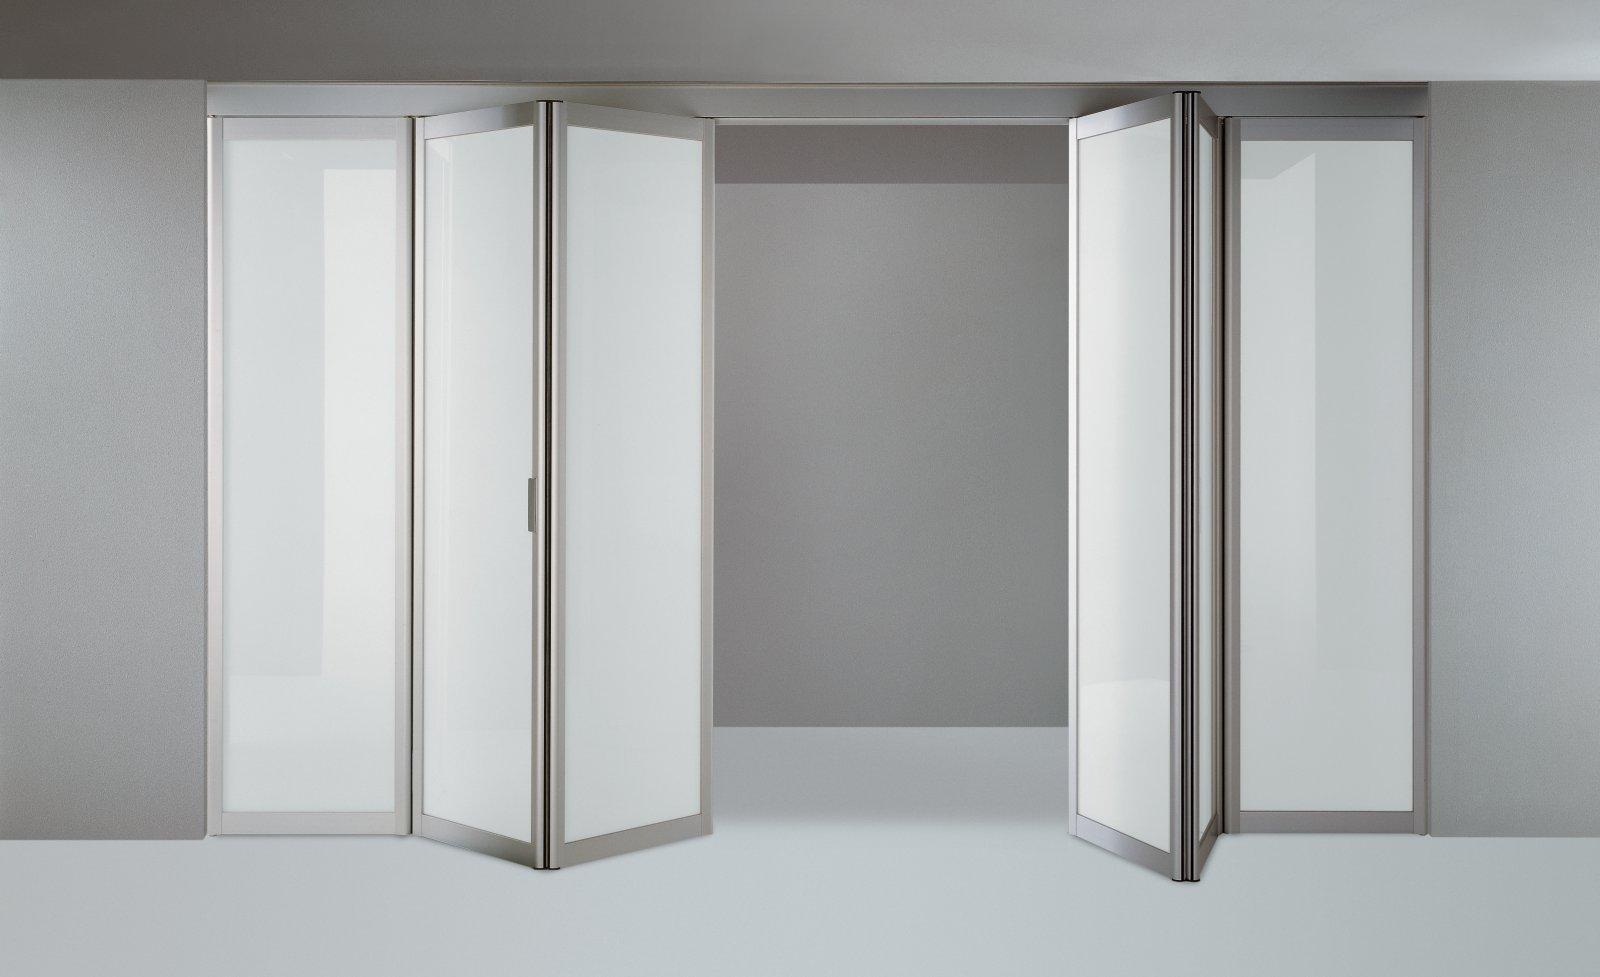 Puertas correderas con cristal puerta corredera cristal for Herrajes puertas cristal